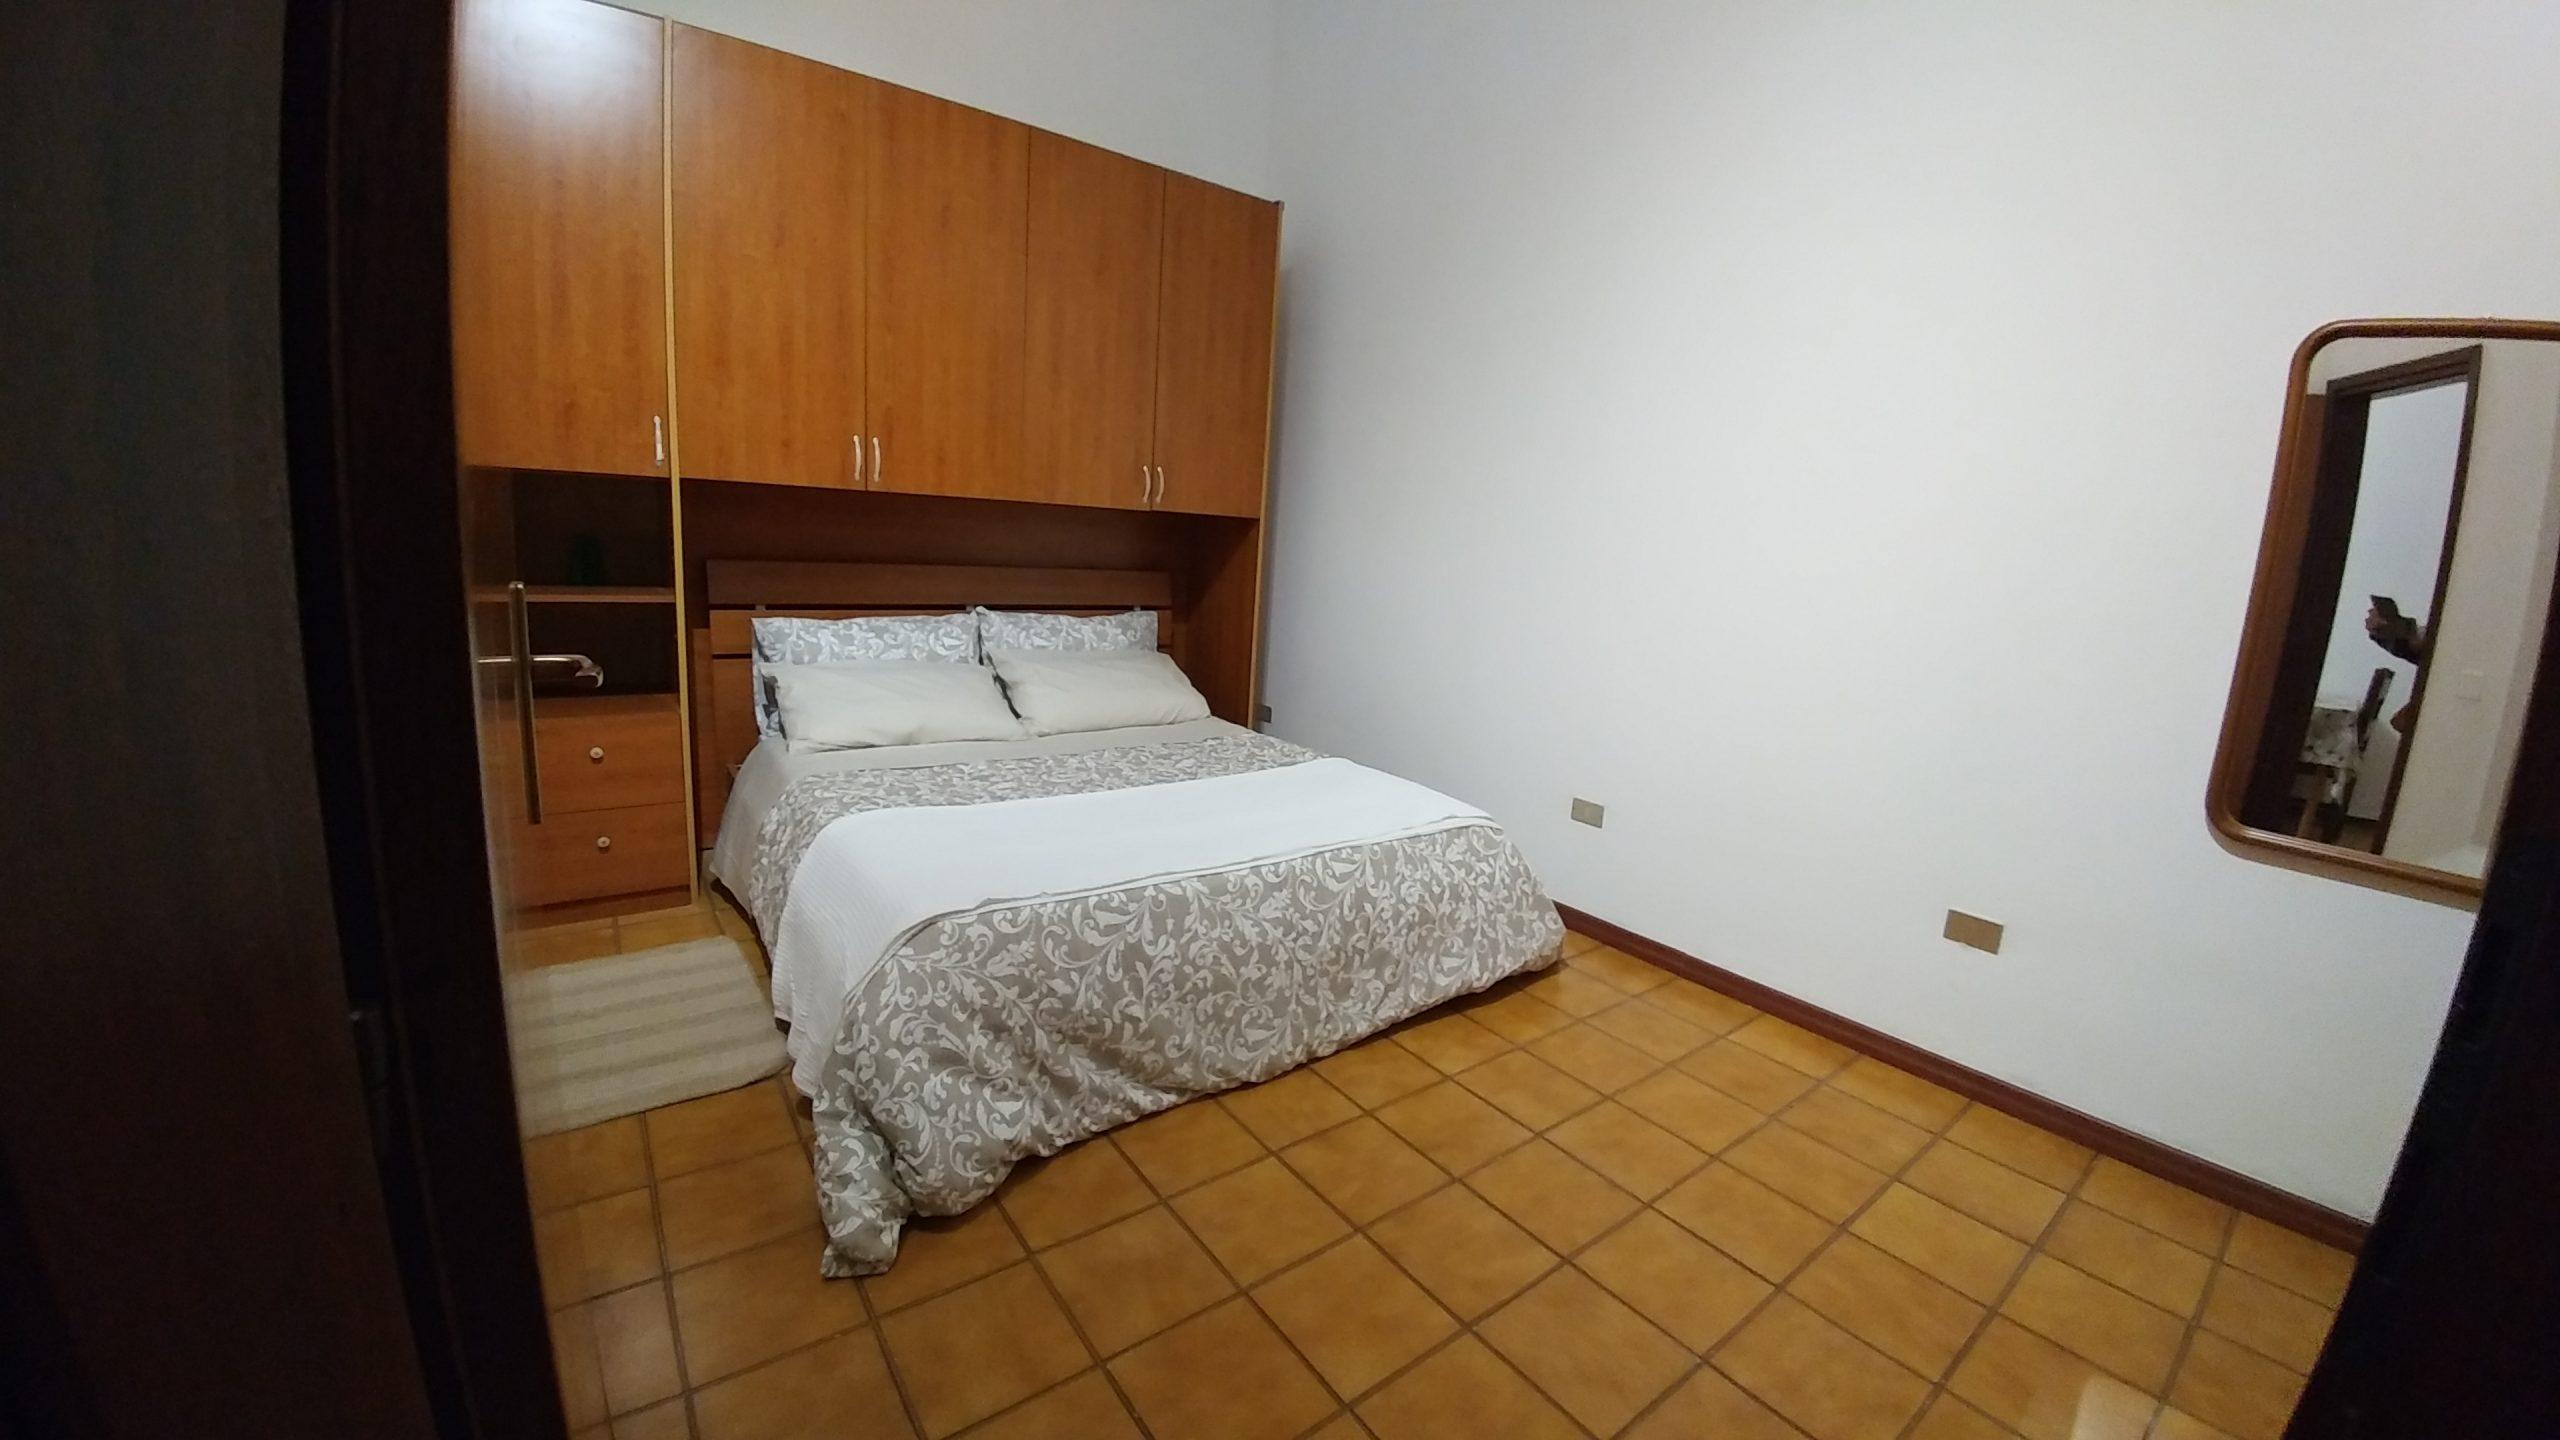 Vendesi bilocale arredato x investimento €65000 CastelBolognese